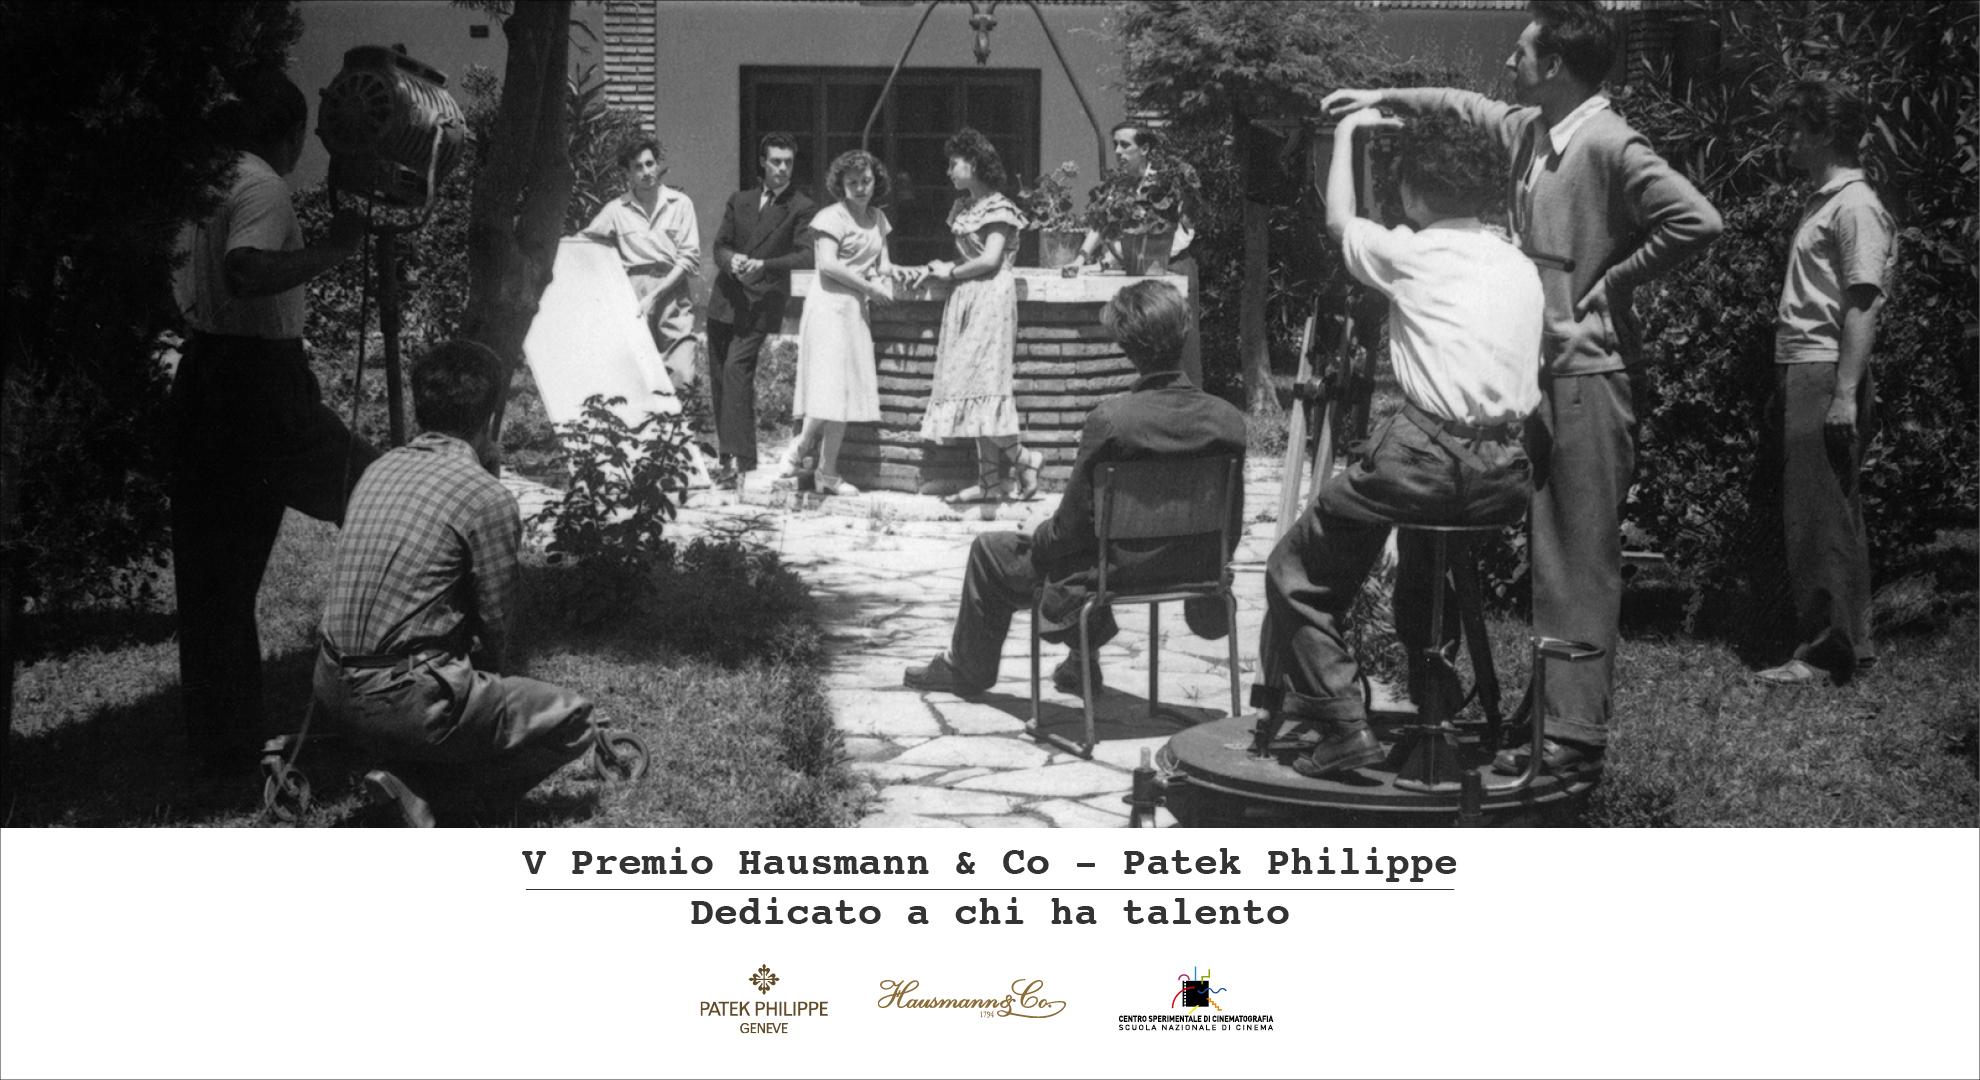 V premio Hausmann & Co. Patek Philippe